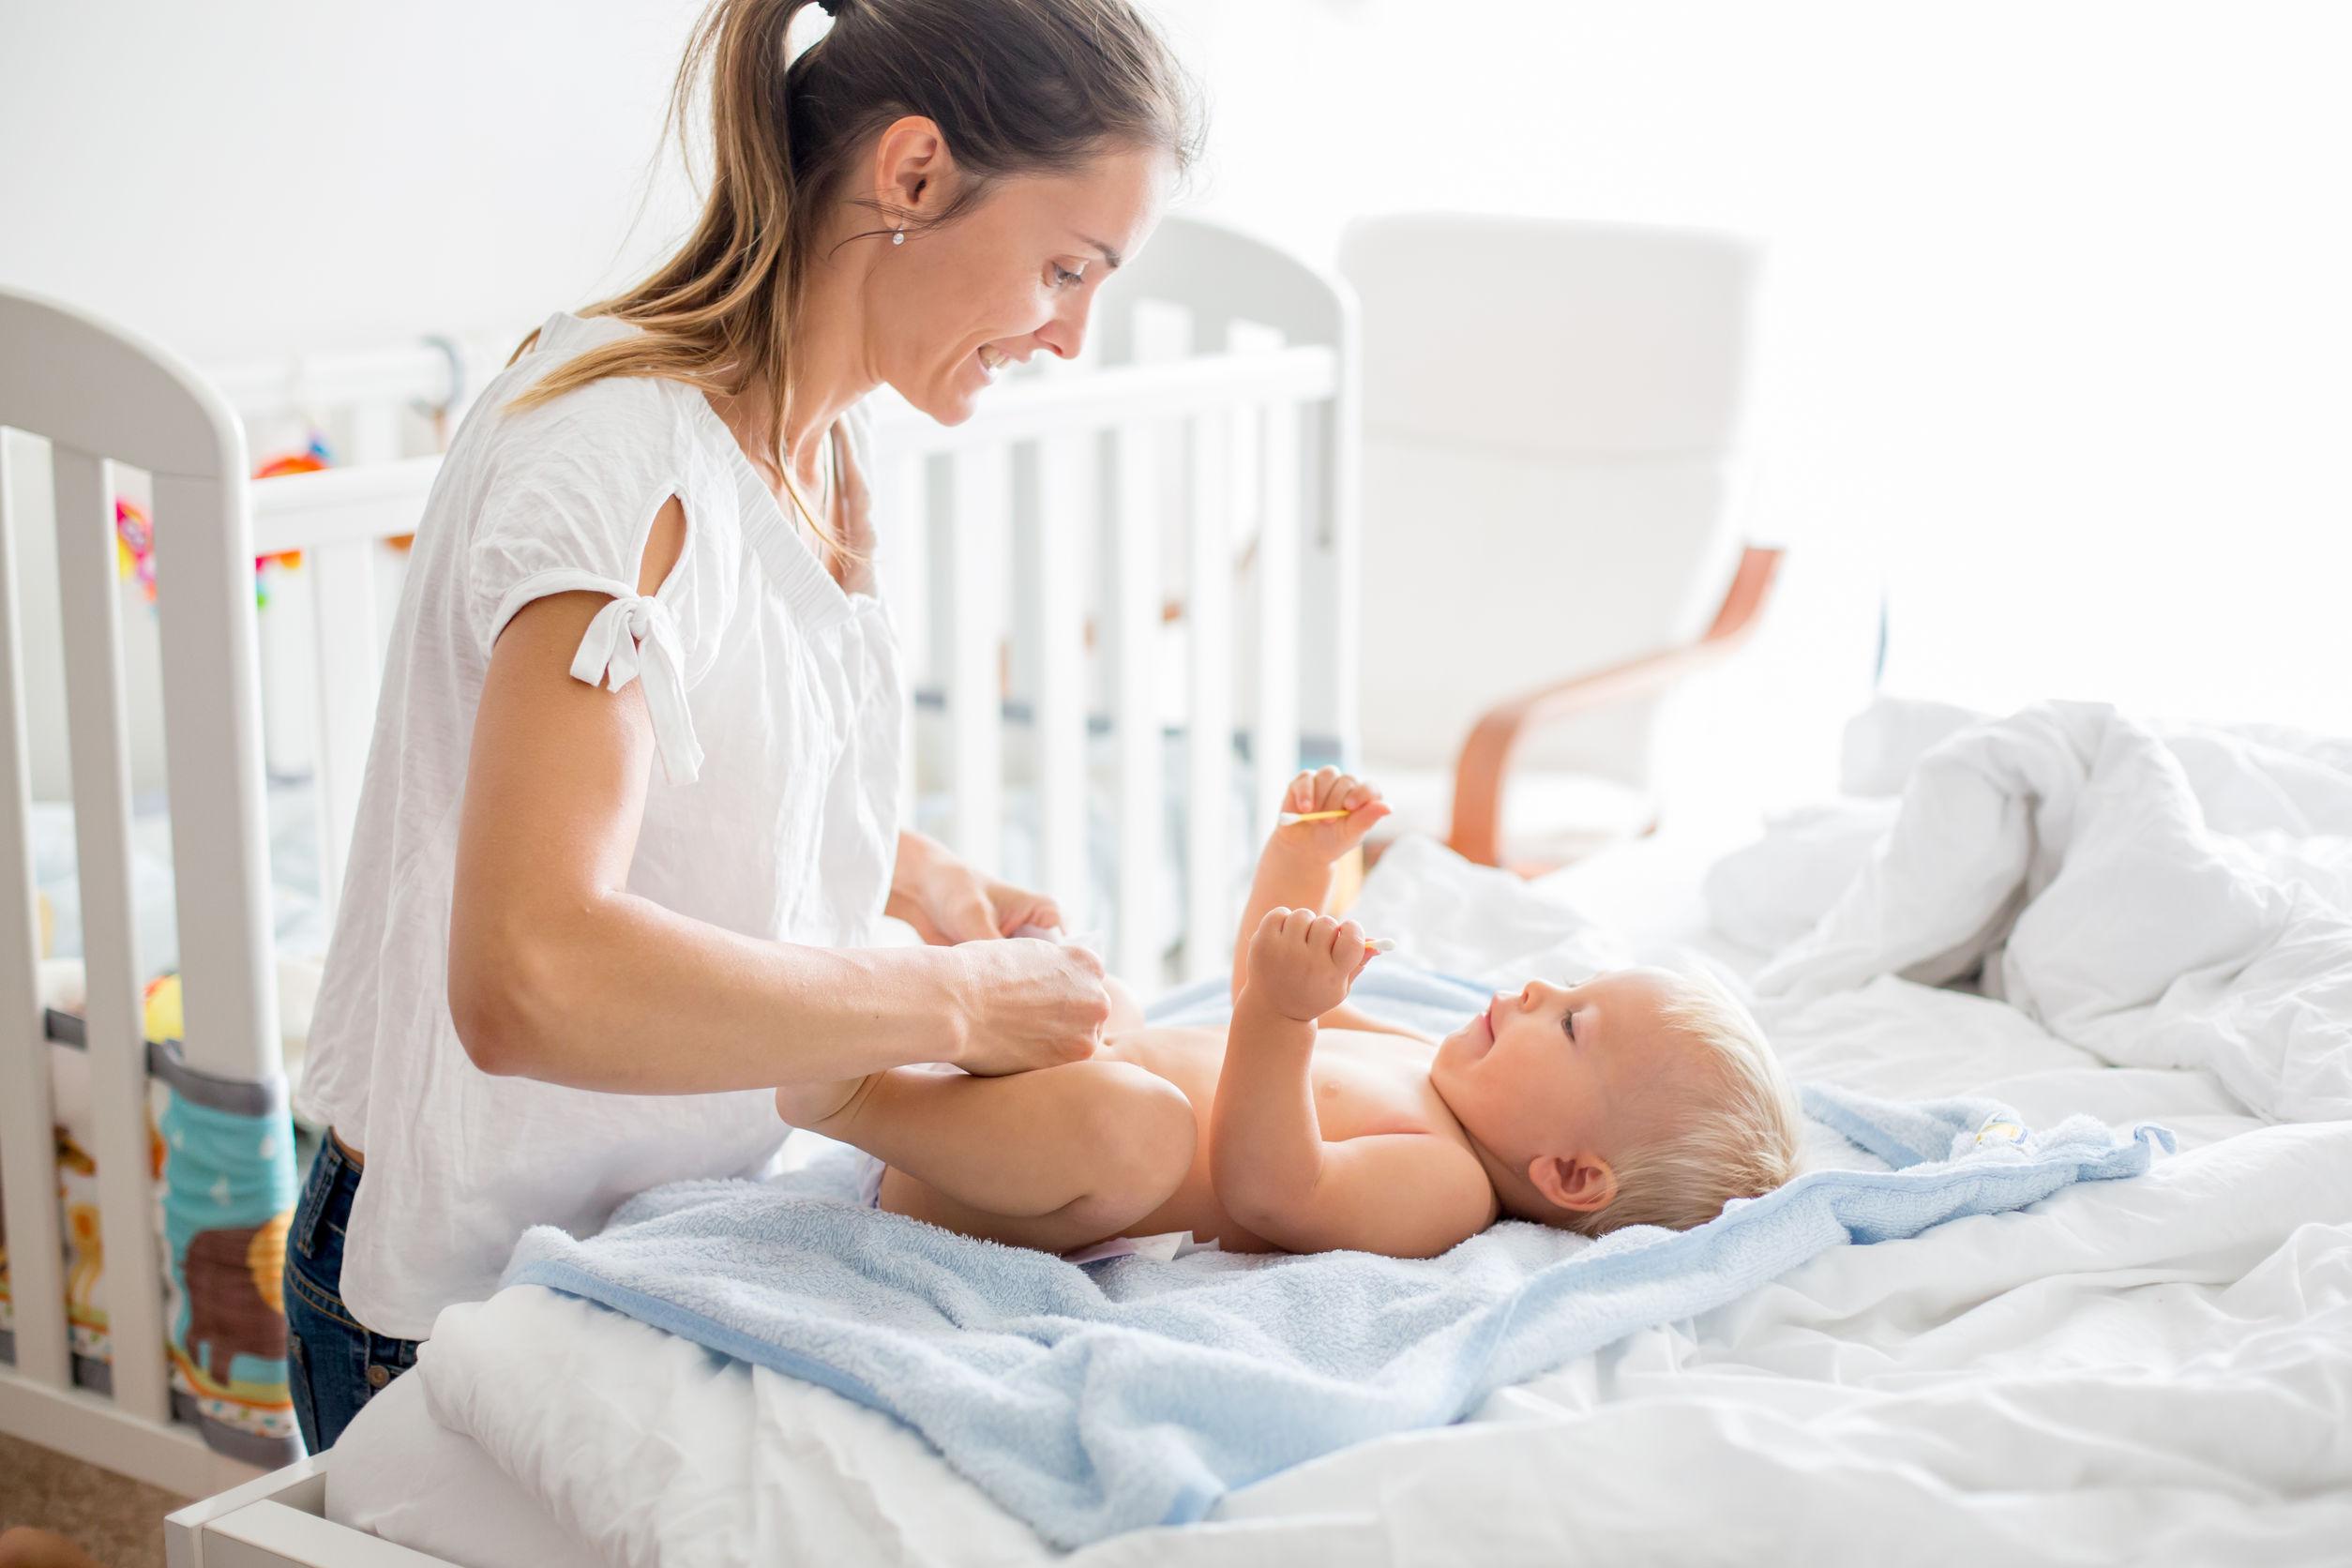 A 7 hónapos baba fejlődése és jellemzői | hilltopfarm.hu / A baba fejlődése | hilltopfarm.hu